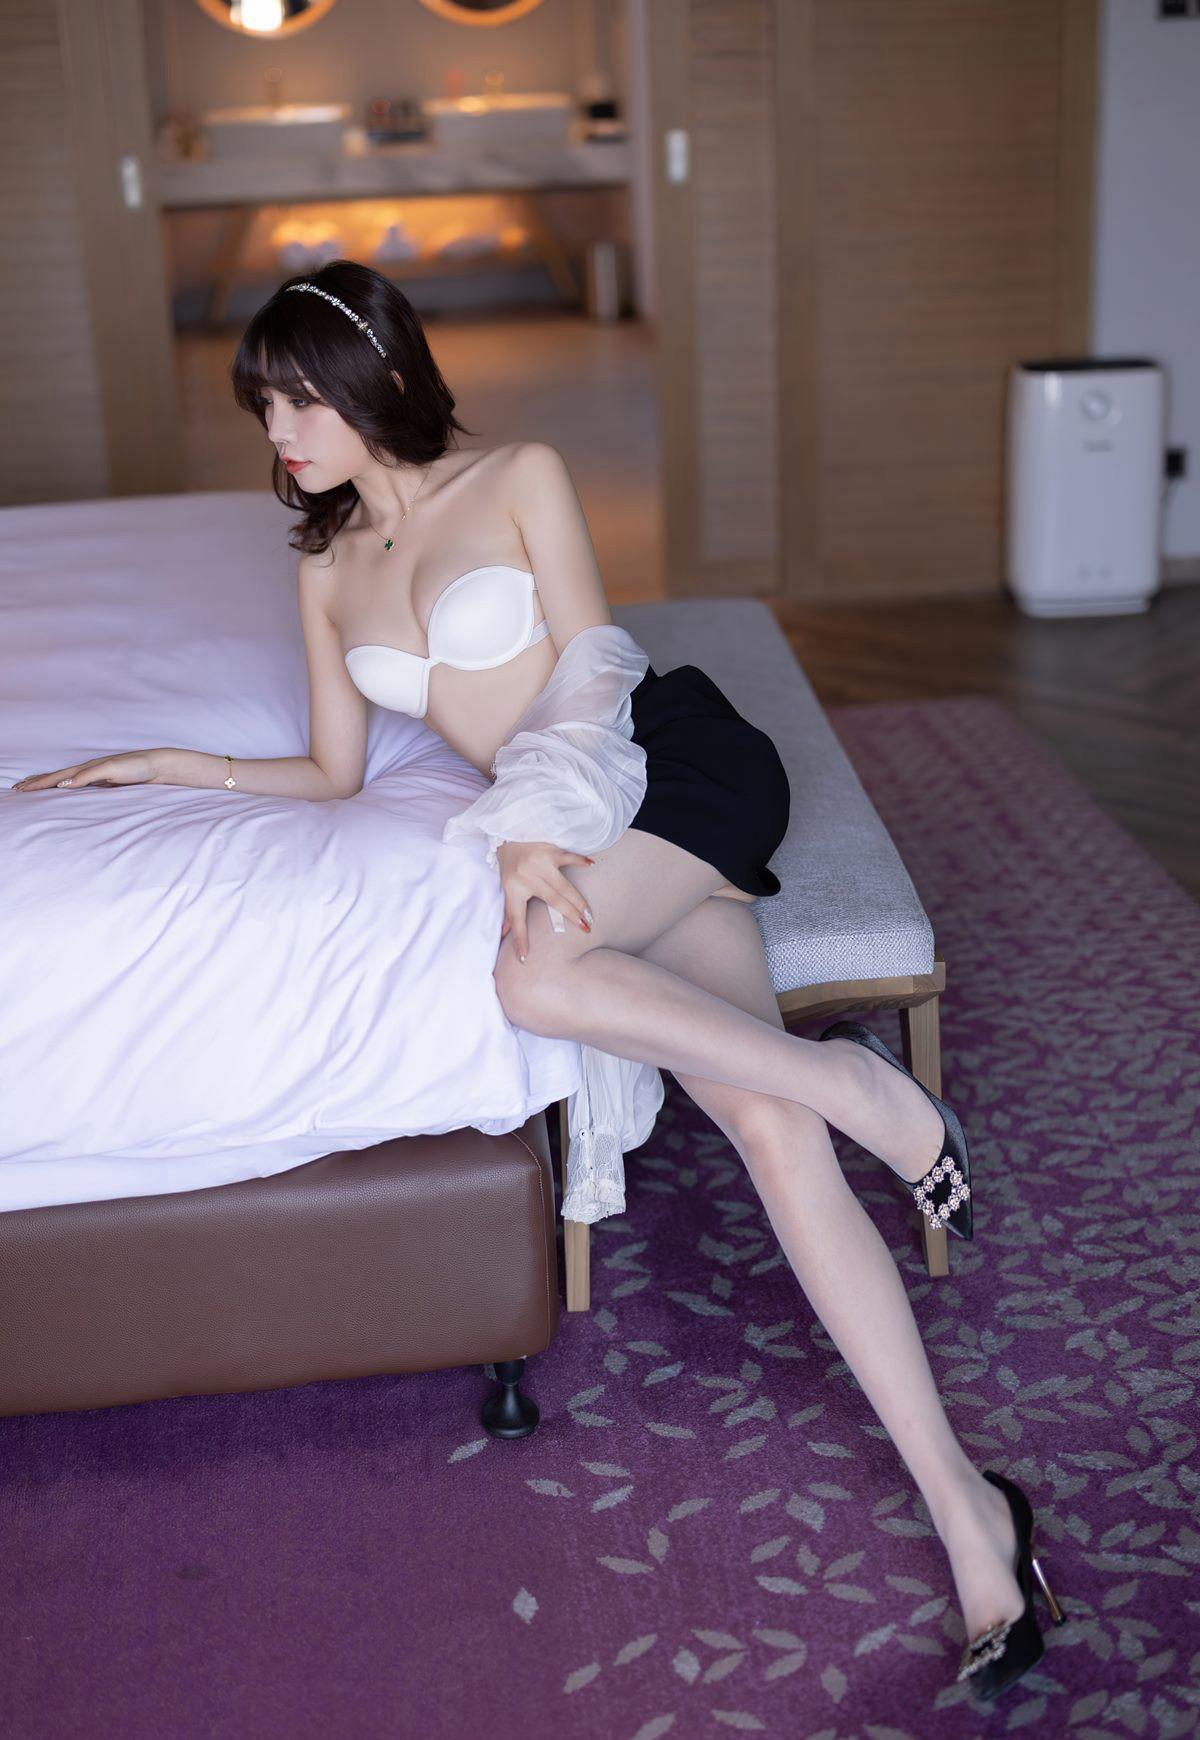 芝芝Booty超薄白丝完美腿型诱惑白嫩玉足脱丝袜写真-芝芝Booty-『游乐宫』Youlegong.com 第3张